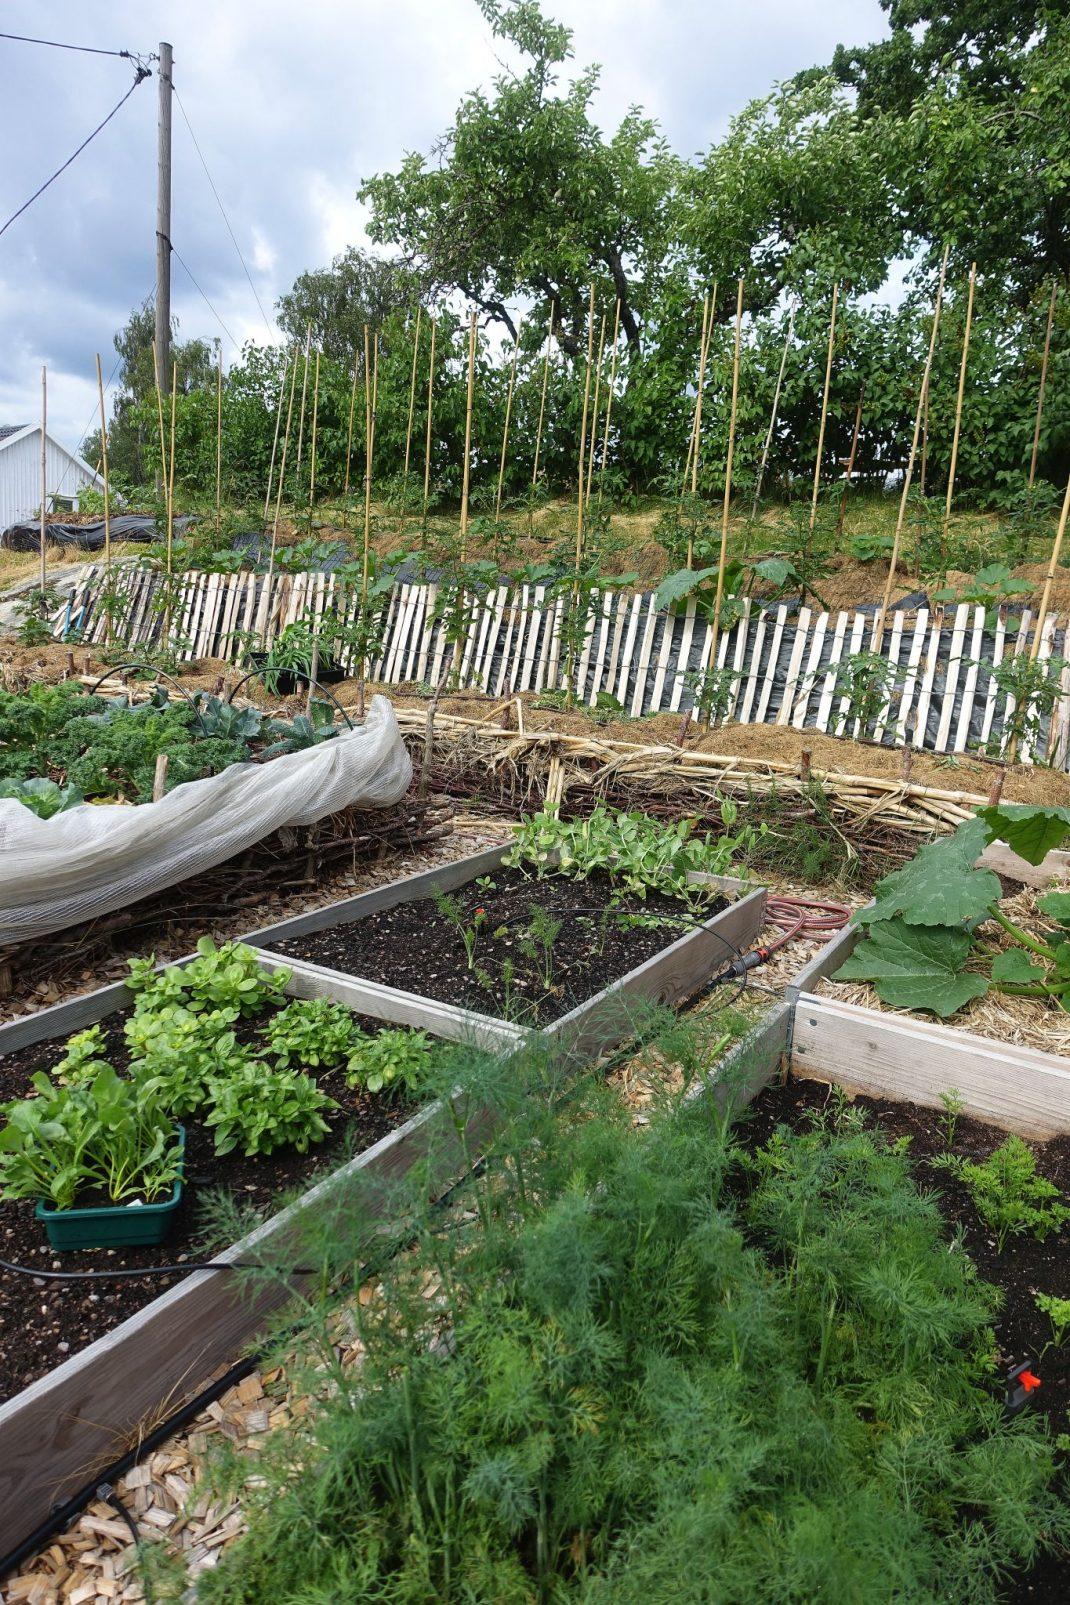 Köksträdgård med pallkragar och bäddar i en sluttning.